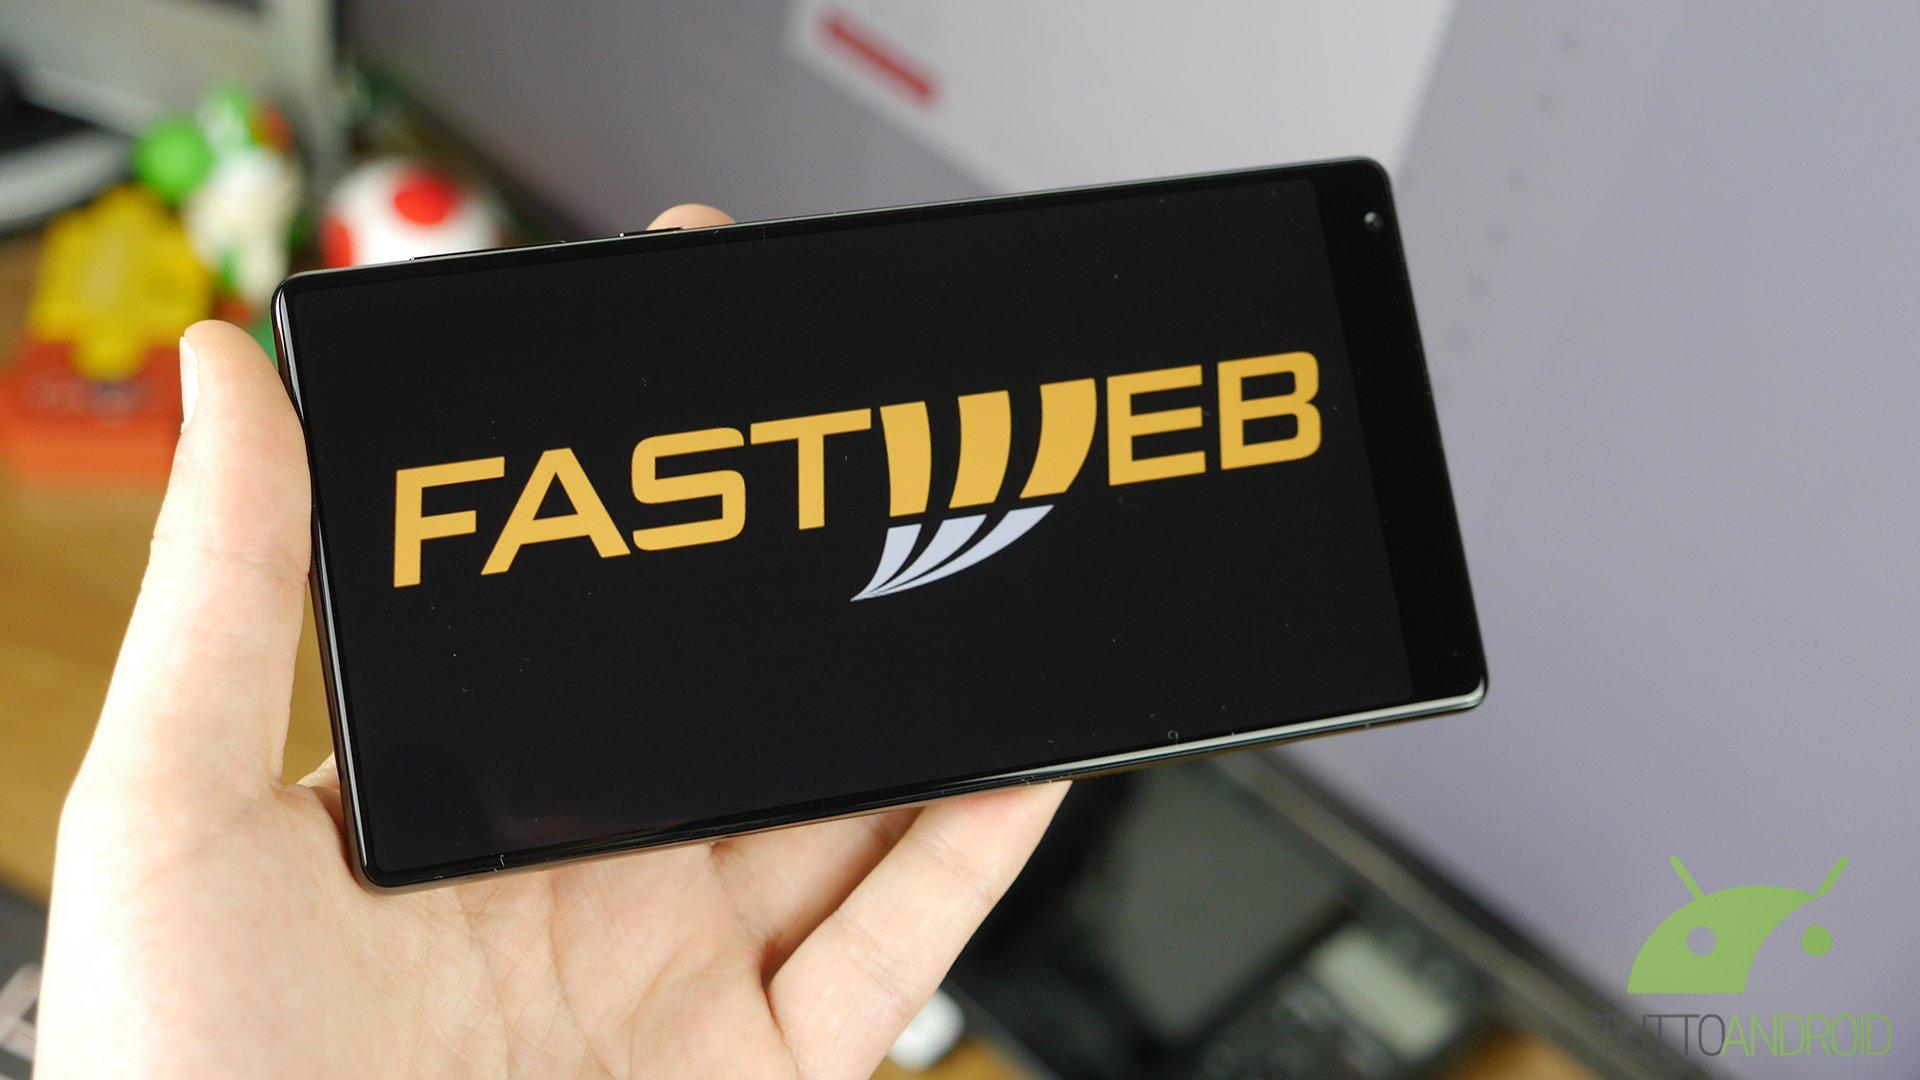 Le nuove offerte Fastweb con il 4G partono da 6€ al mese